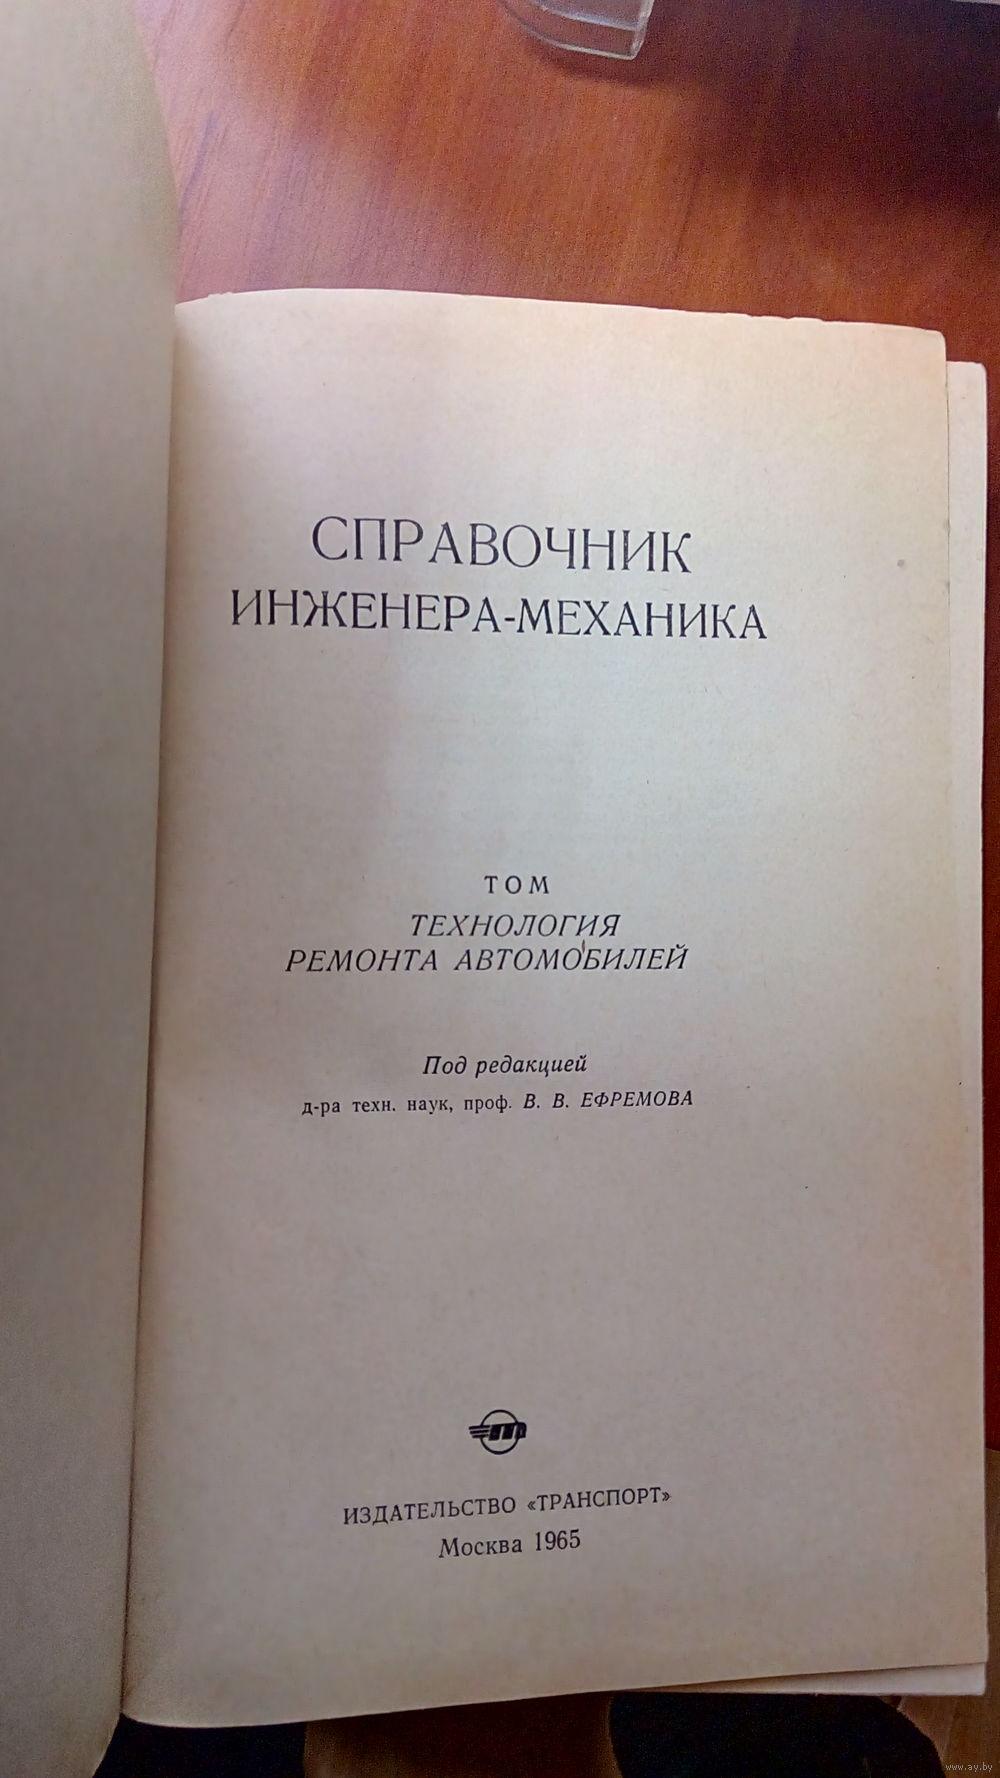 справочник инженера конструктора под редакцией инж близнянского